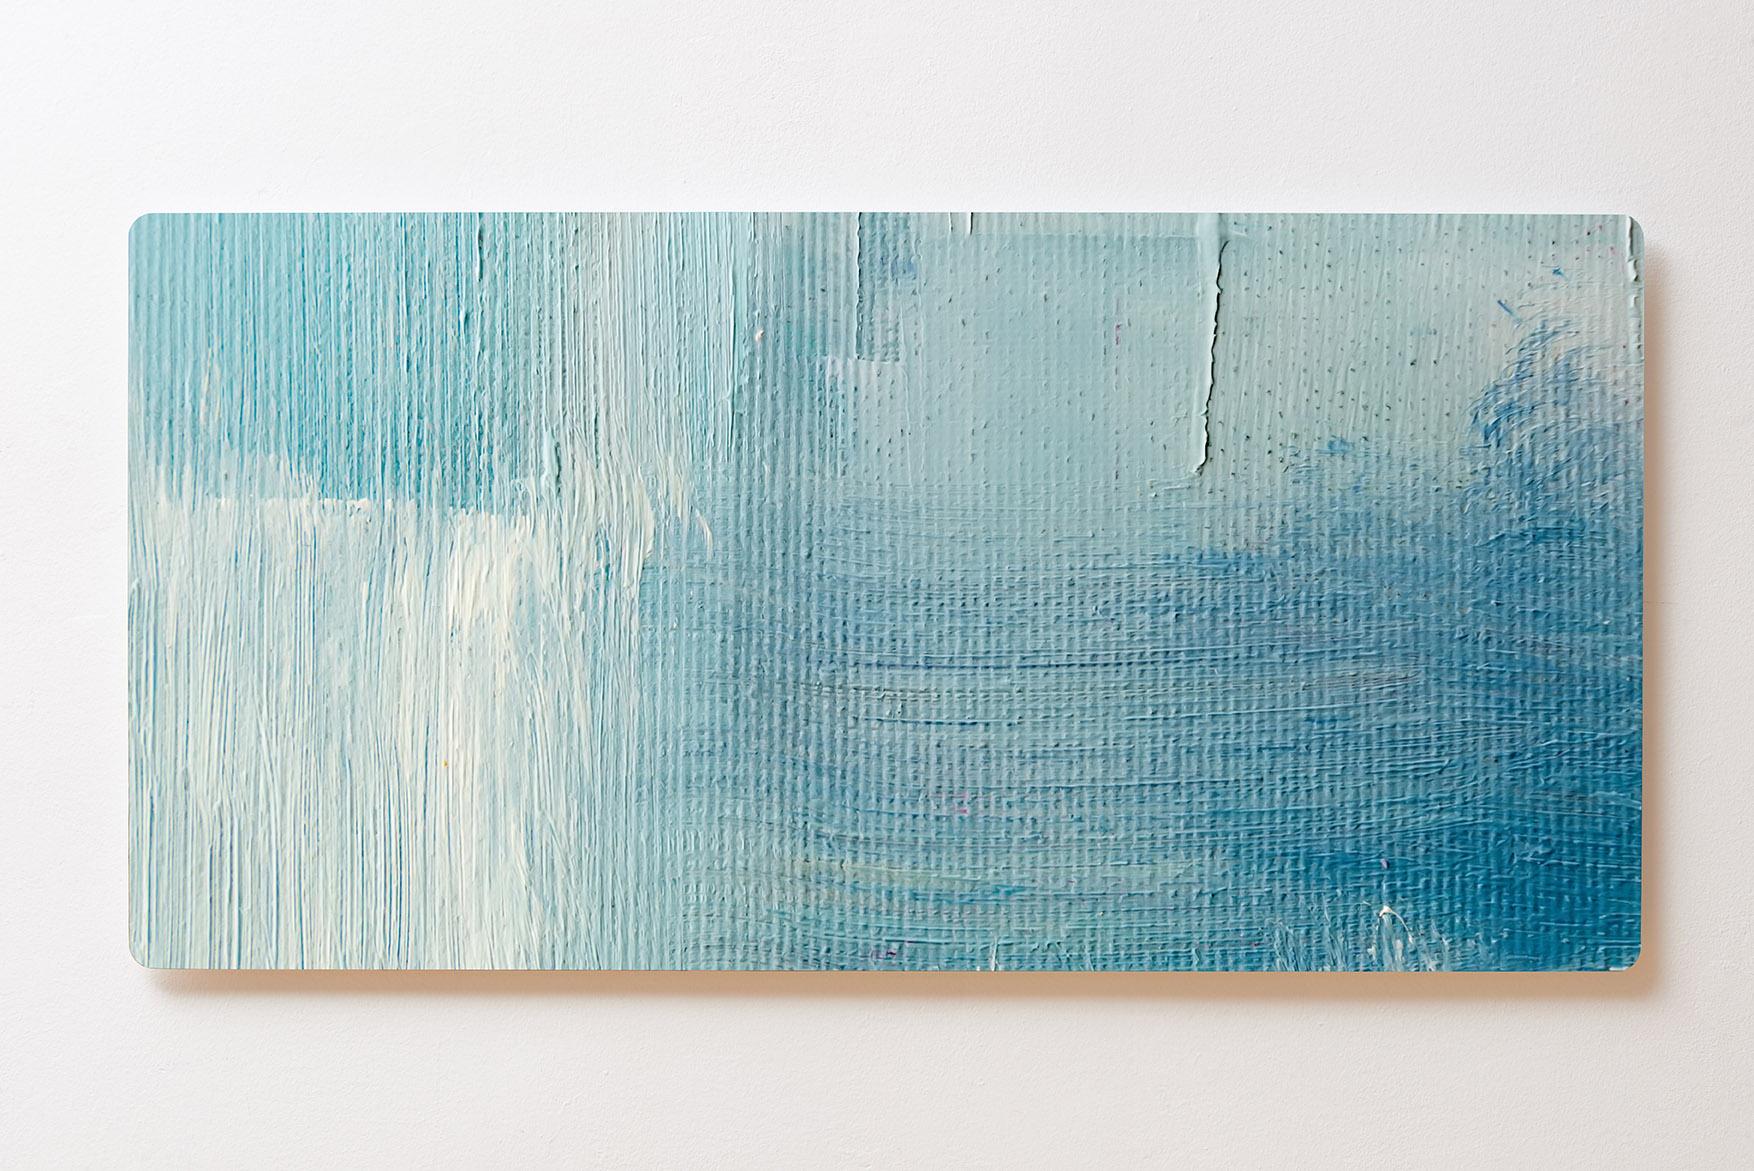 Magnettafel BACKLIGHT 120x60cm Motiv-Wandbild M116 Abstrakt Kunst